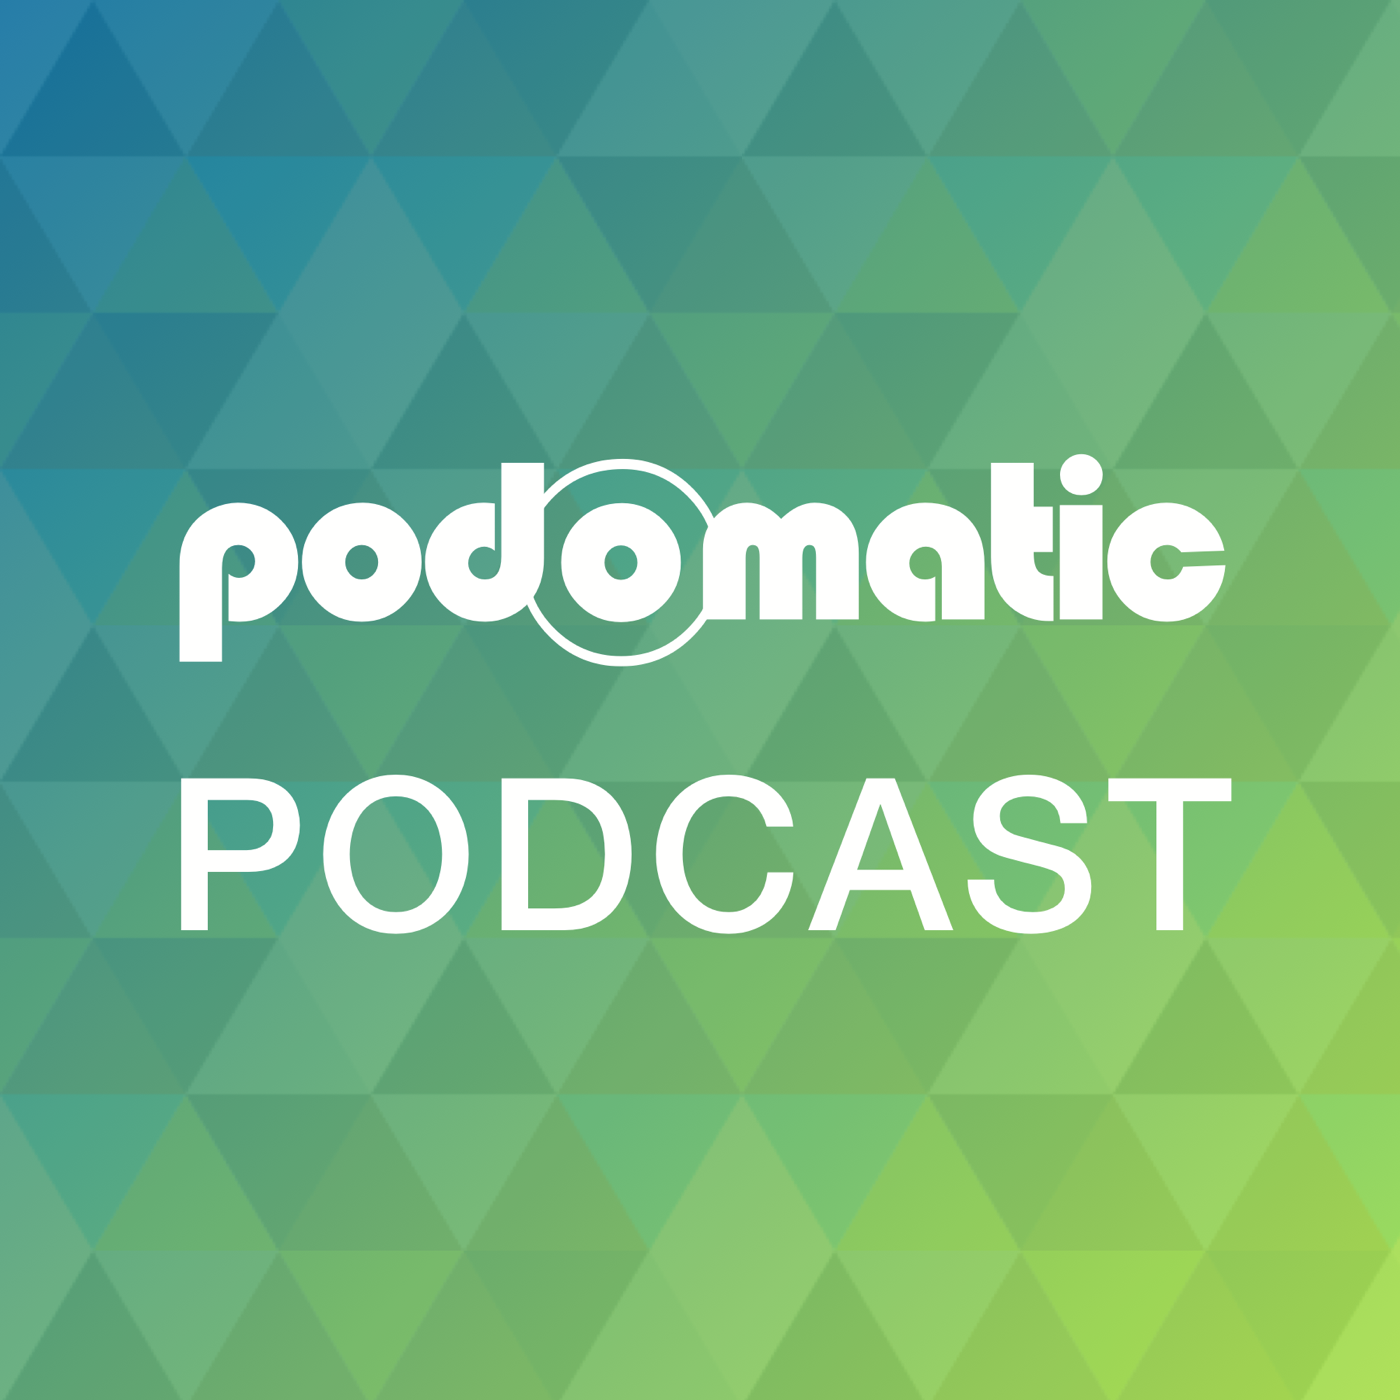 léo bianchi's Podcast